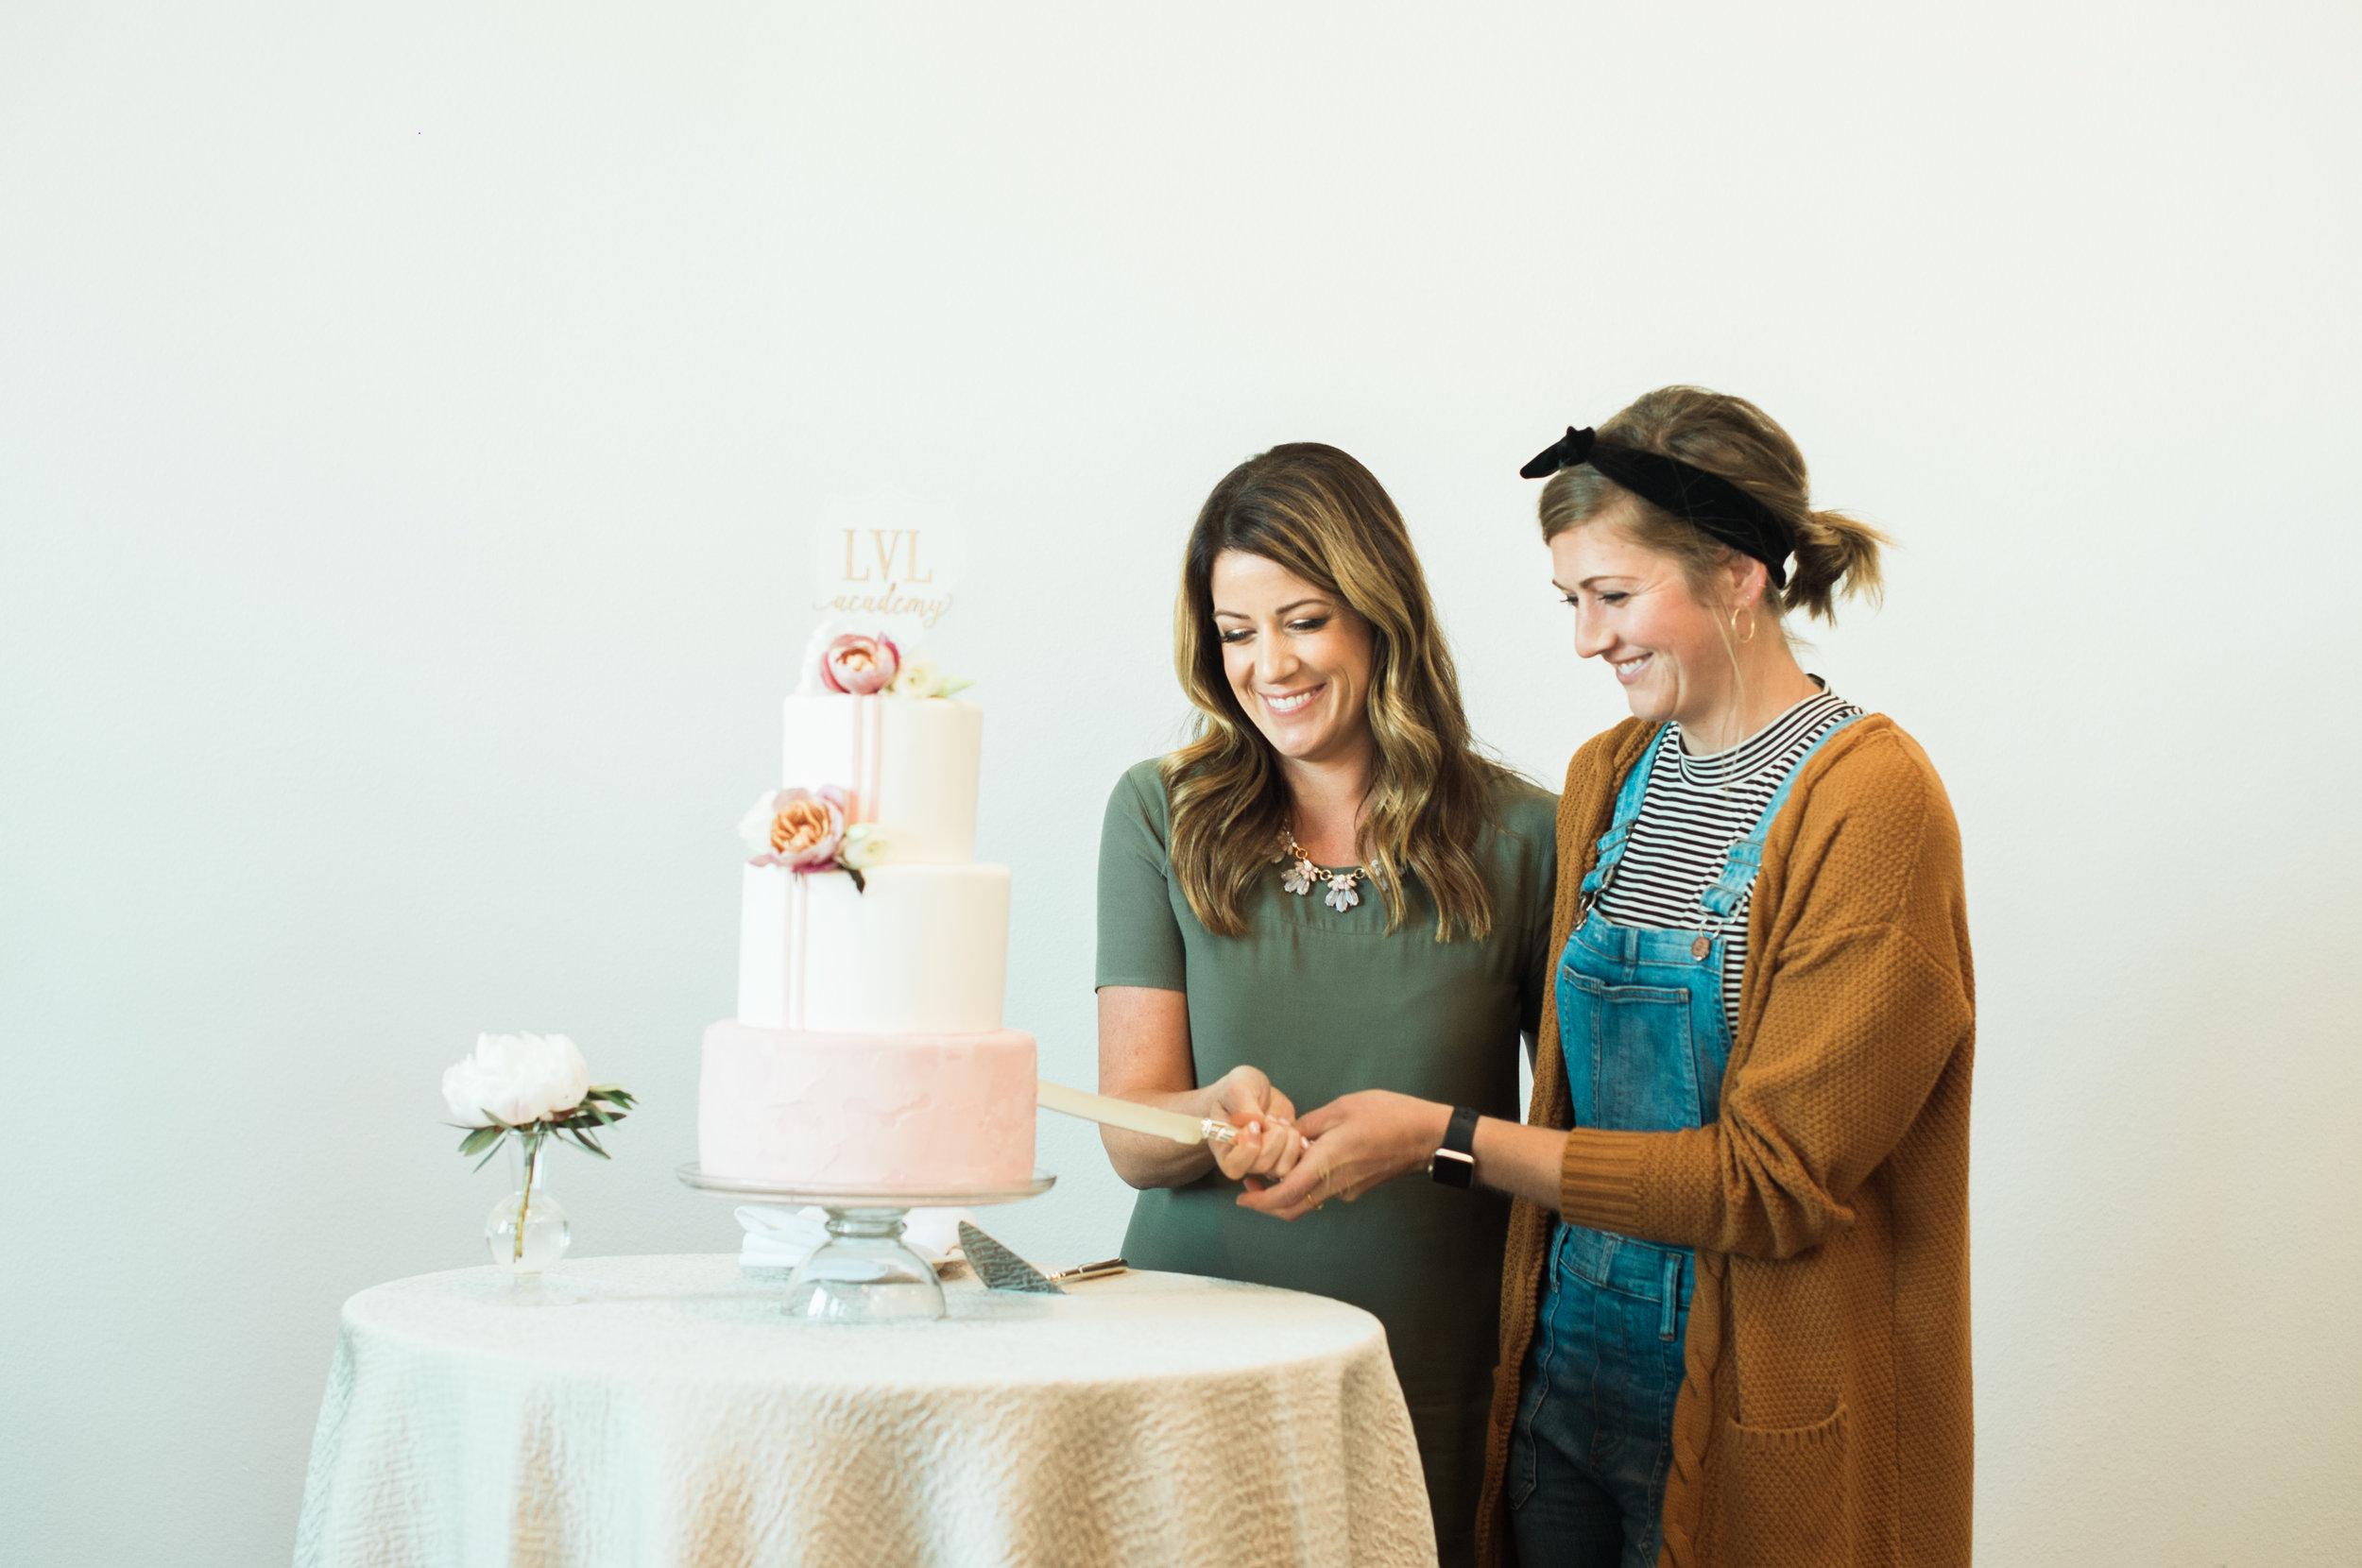 Cake Cutting Time!